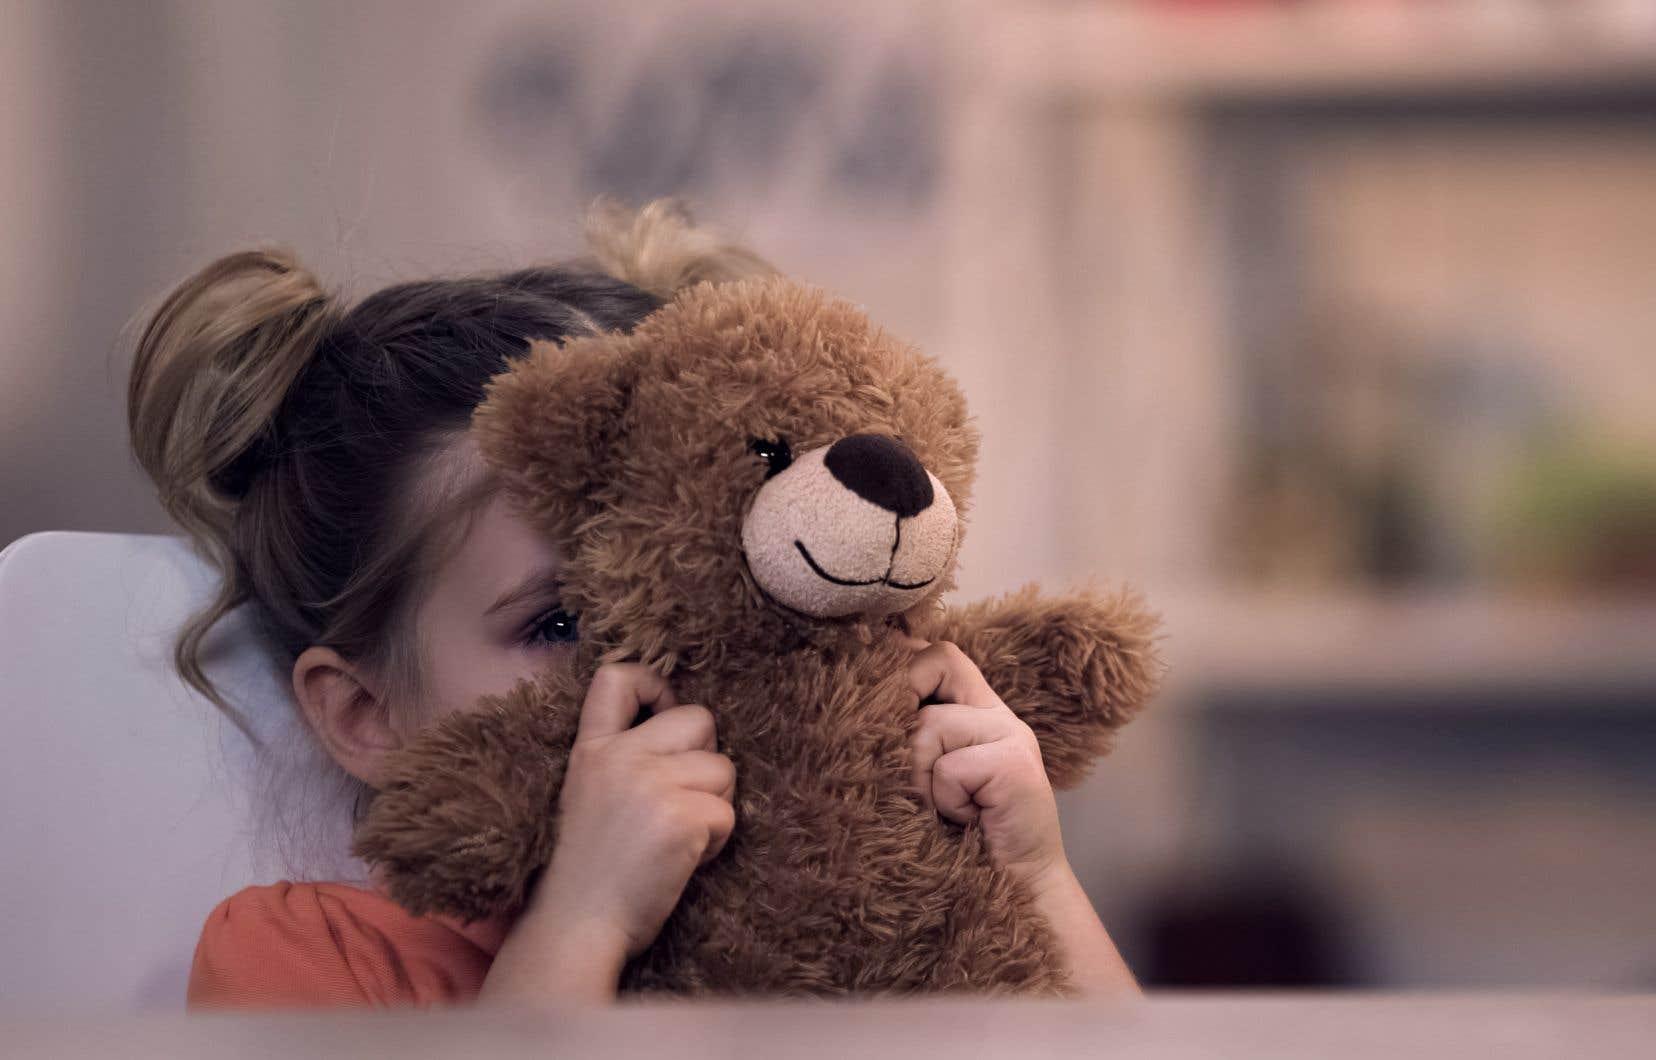 Selon des données présentées jeudi, 46% des filles et 5% des garçons issus des centres jeunesse ont subi des violences sexuelles.